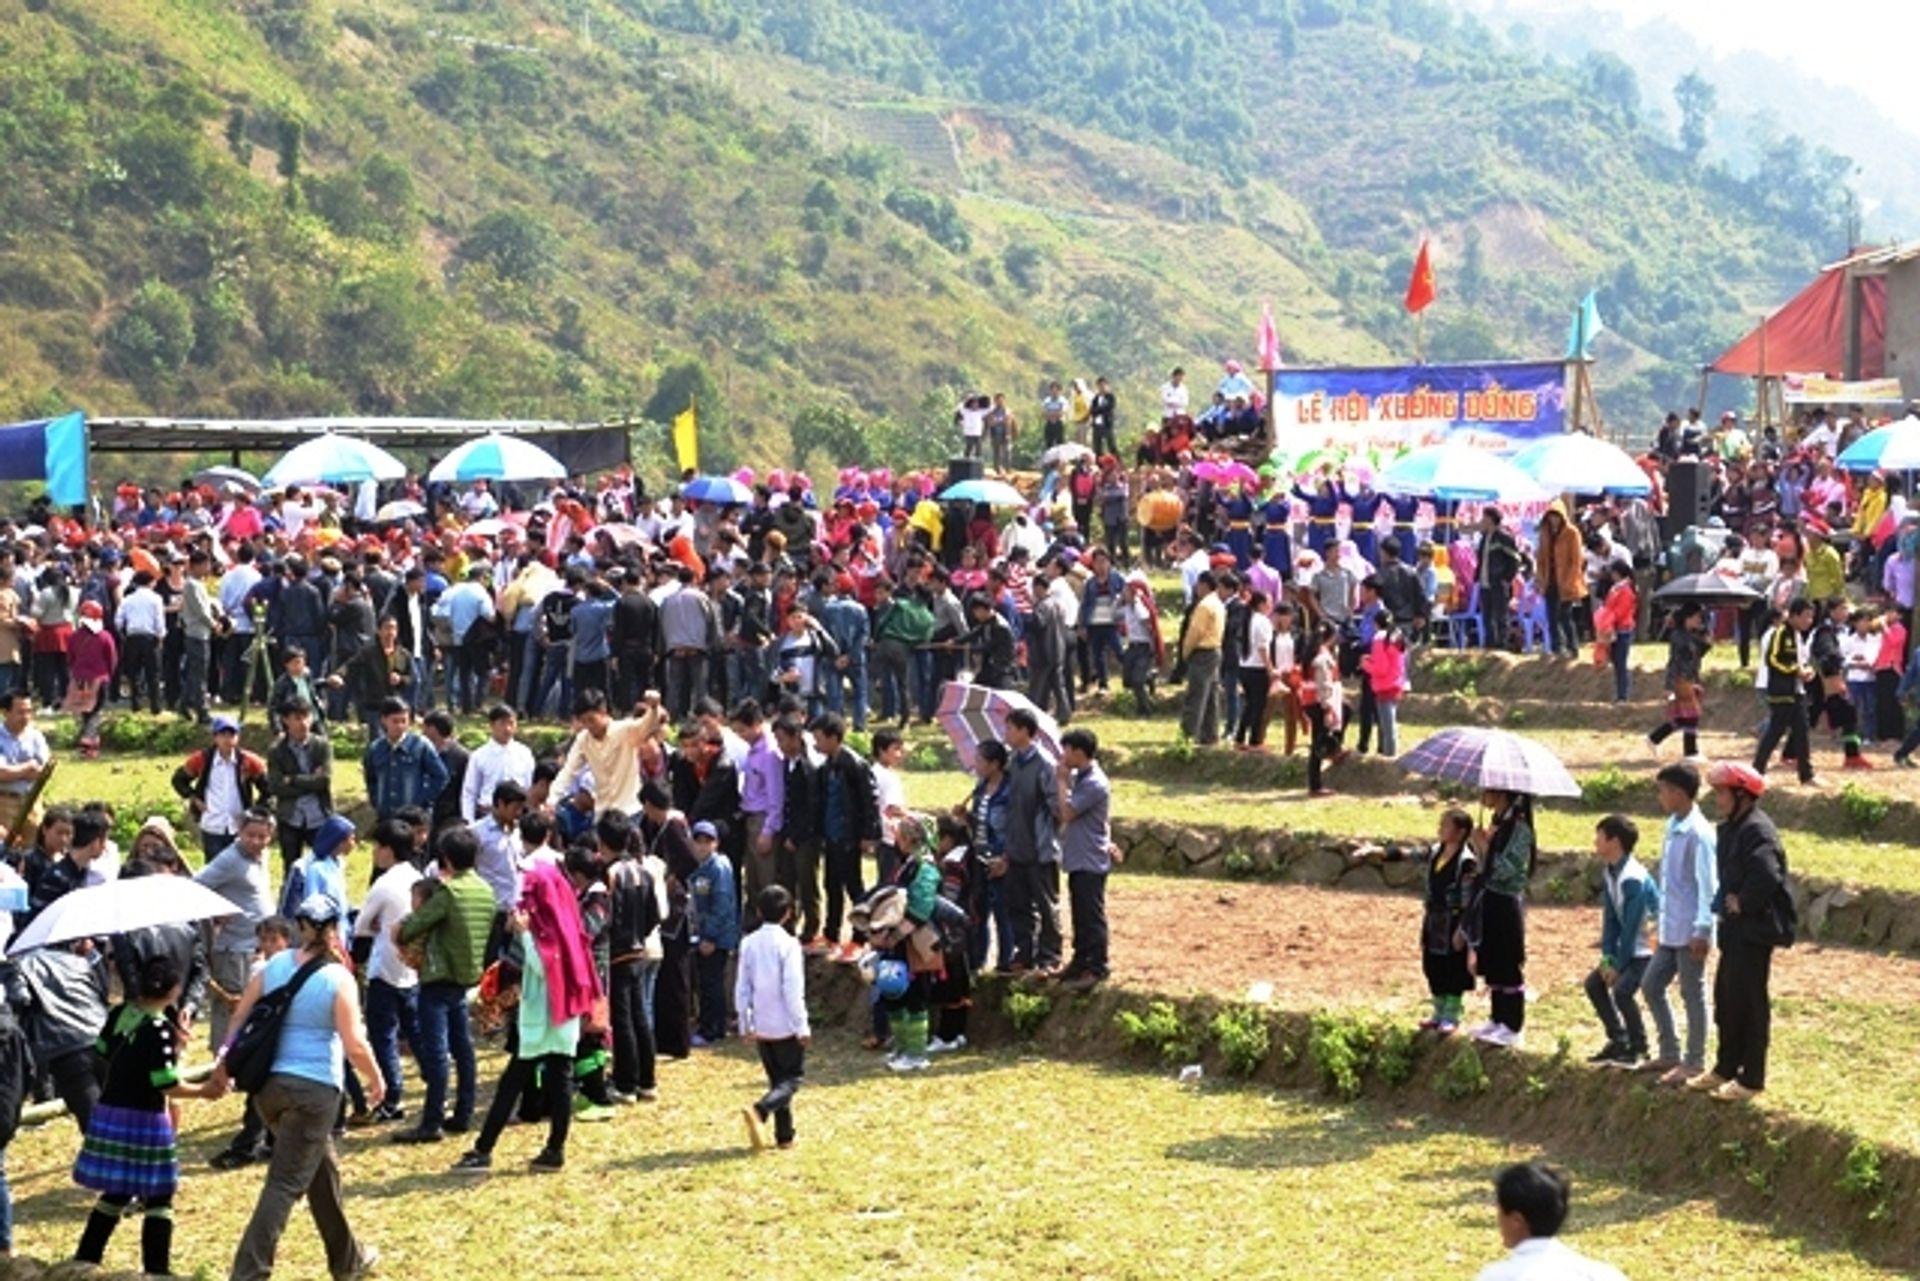 Lễ hội xuống đồng ở Lào Cai